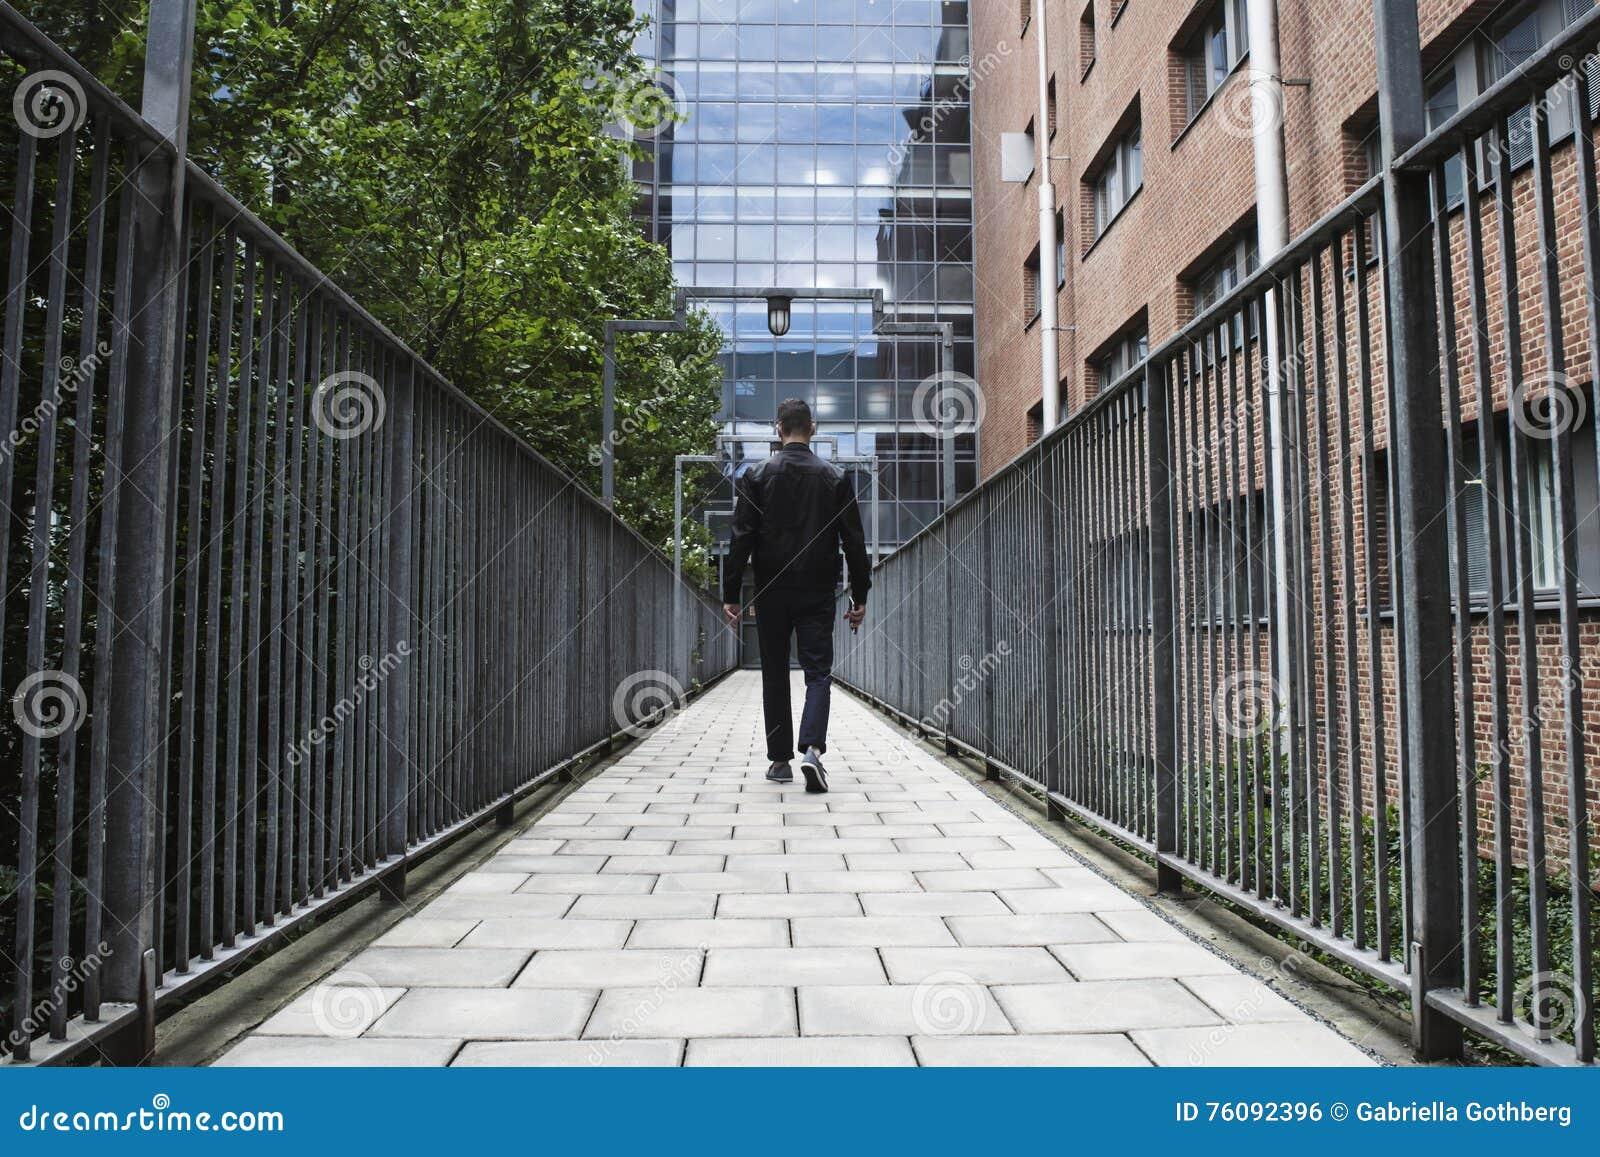 Landschaft, wenn Sie aus der Perspektive eines Mannes schreiben?